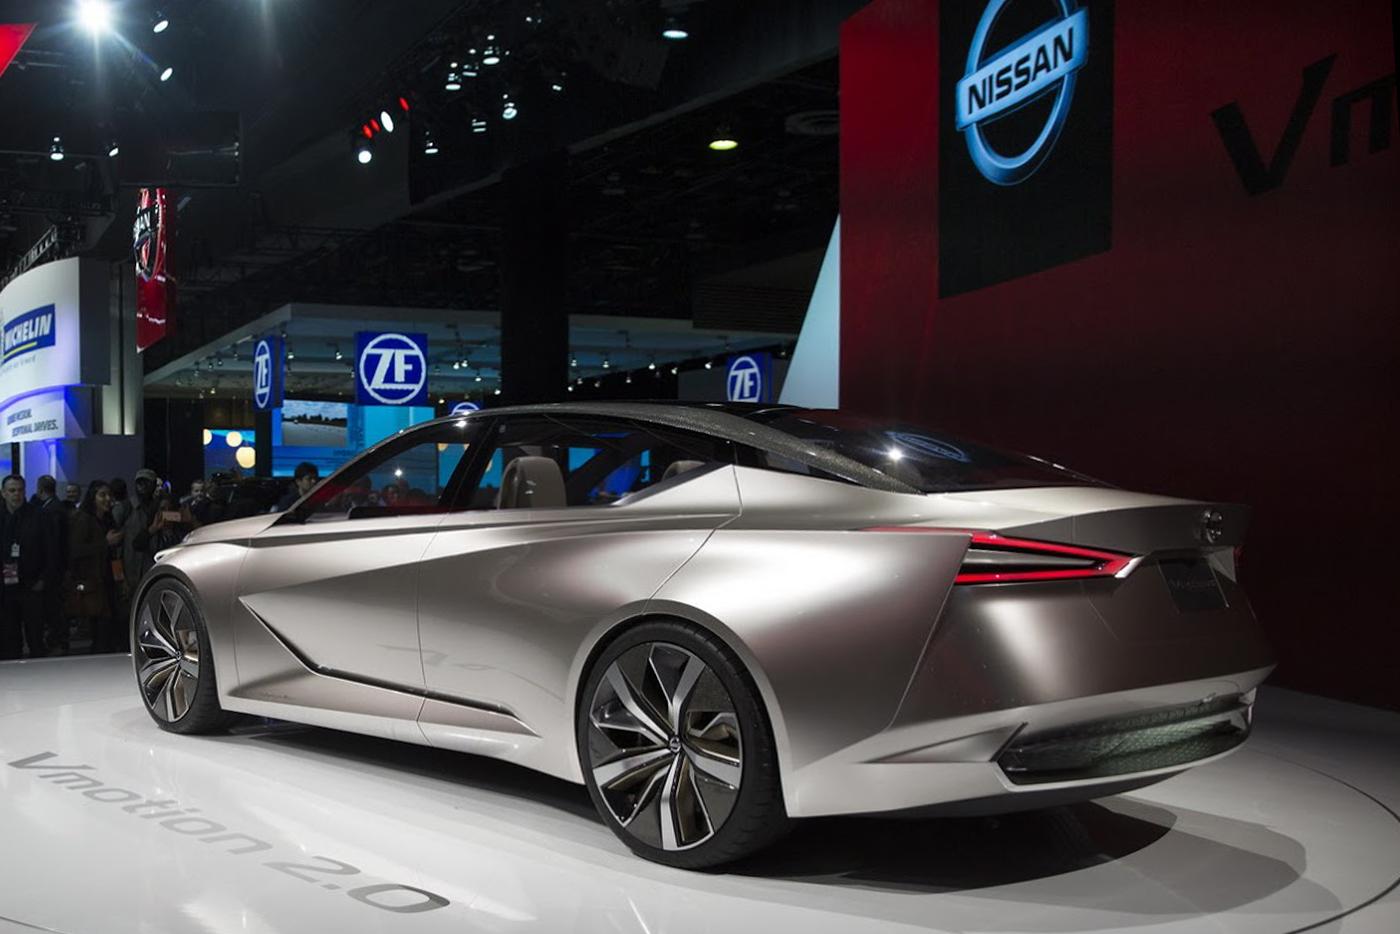 """Chiêm ngưỡng mẫu concept """"tuyệt đẹp"""" Nissan Vmotion 2.0 - ảnh 4"""